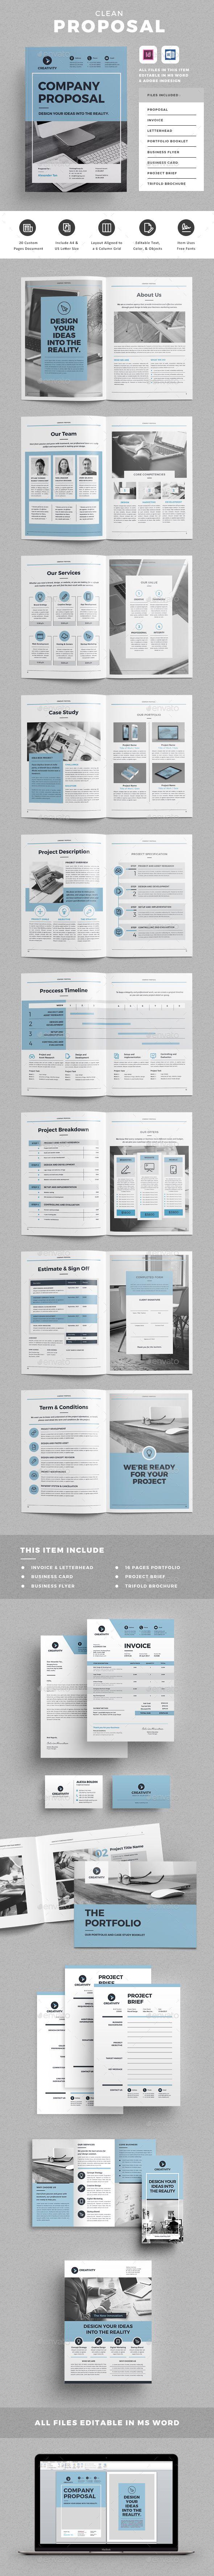 Proposal - Proposals & Invoices Stationery | Páginas y paginaciones ...